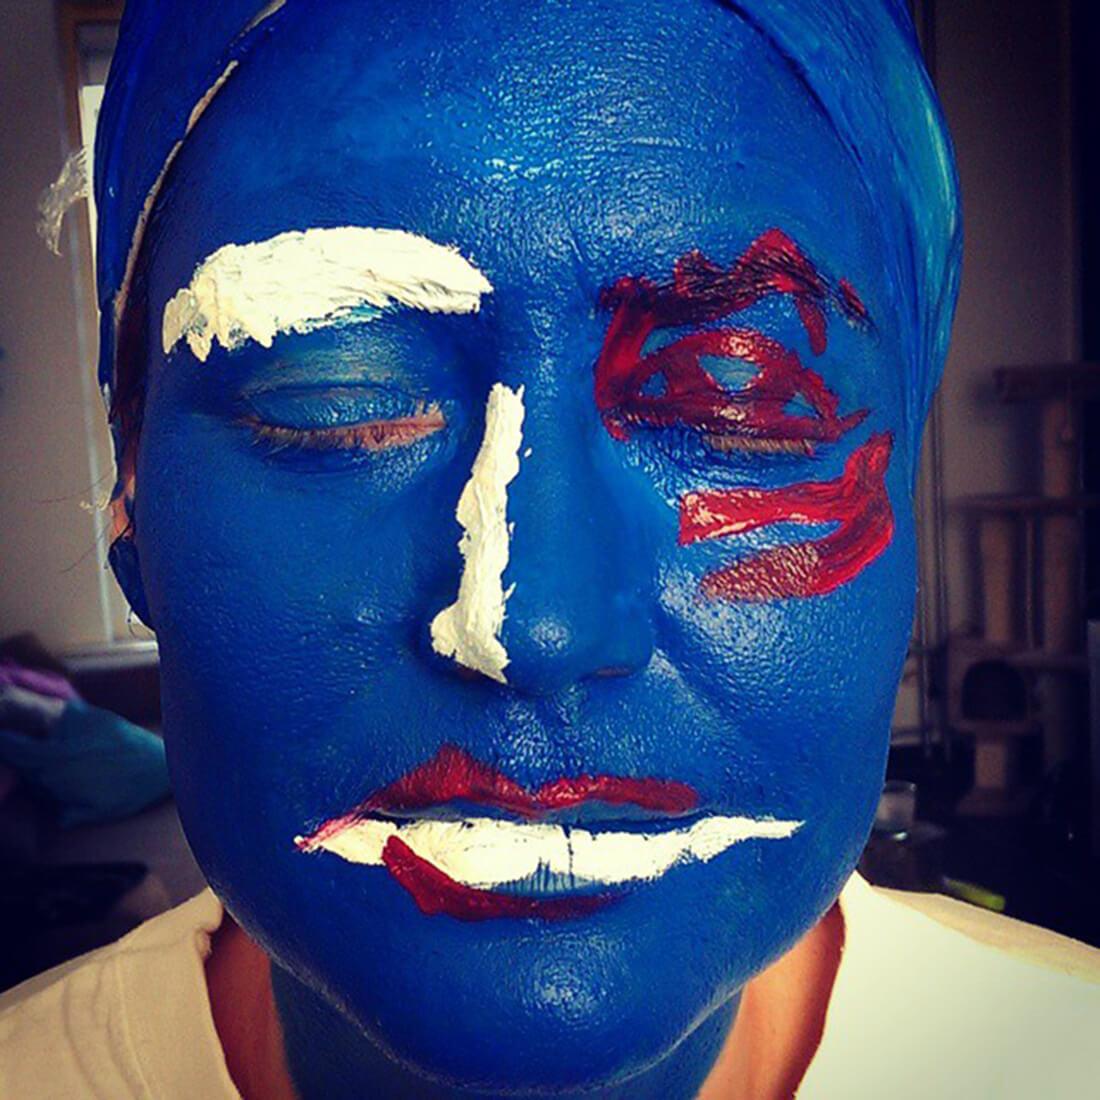 Faces - feeling blue work in progress